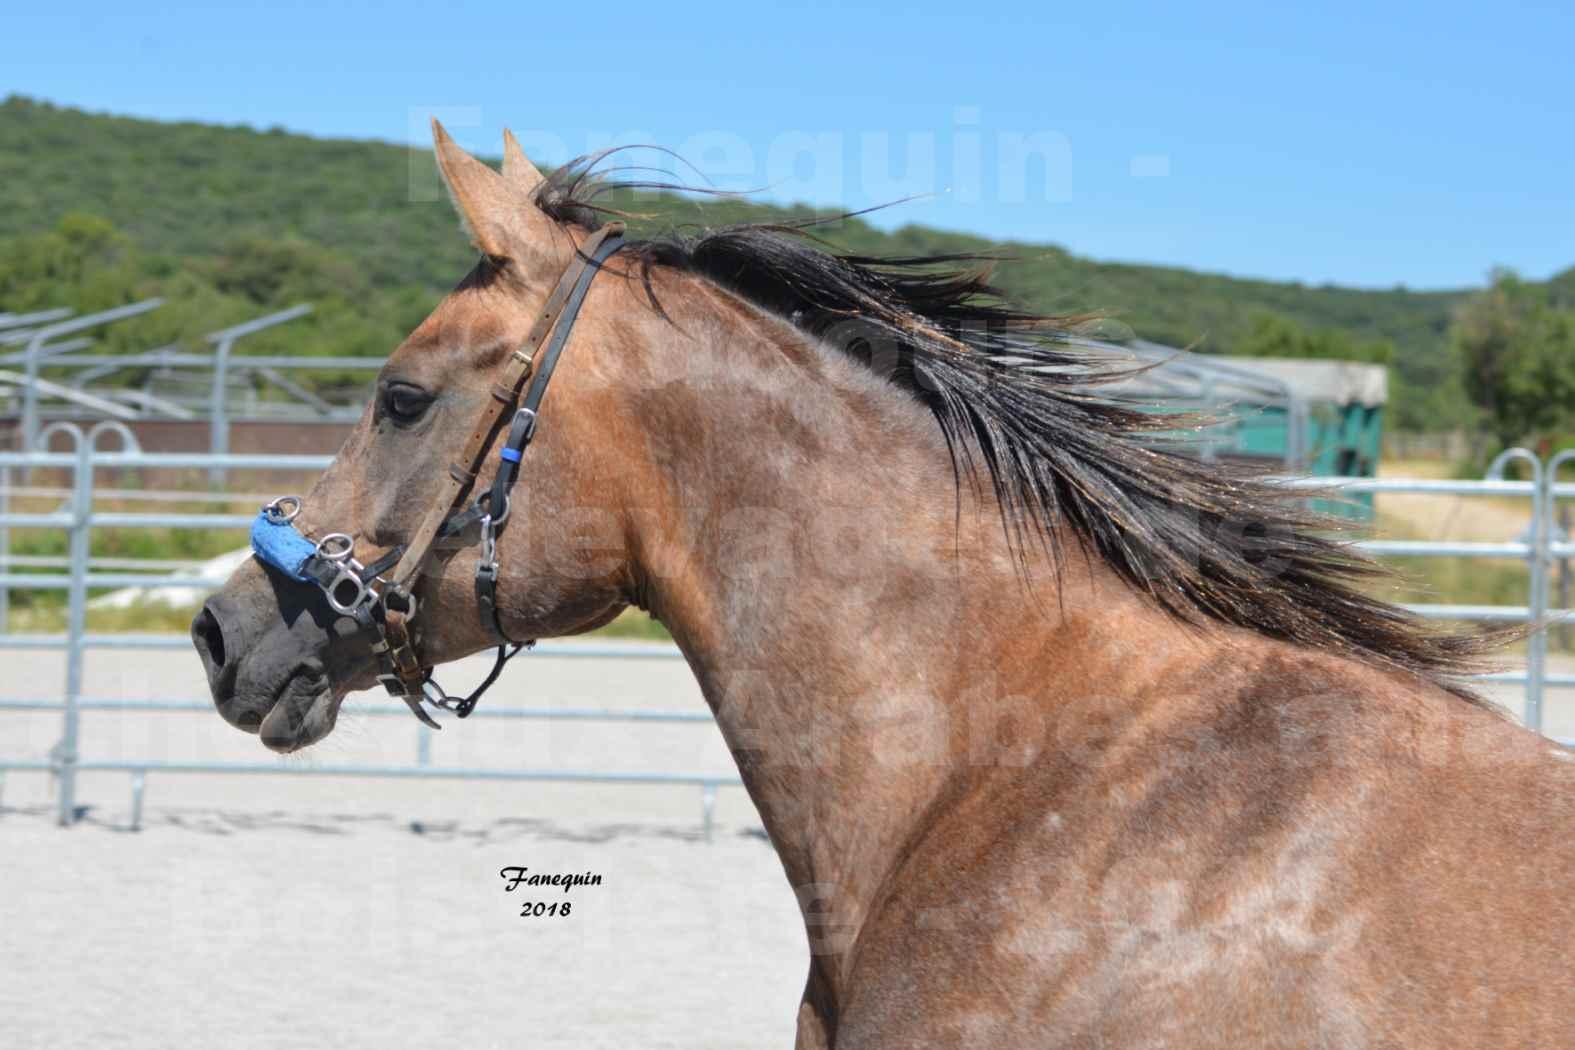 Concours d'Elevage de chevaux Arabes  le 27 juin 2018 à la BOISSIERE - MAREK LOTOIS - 4